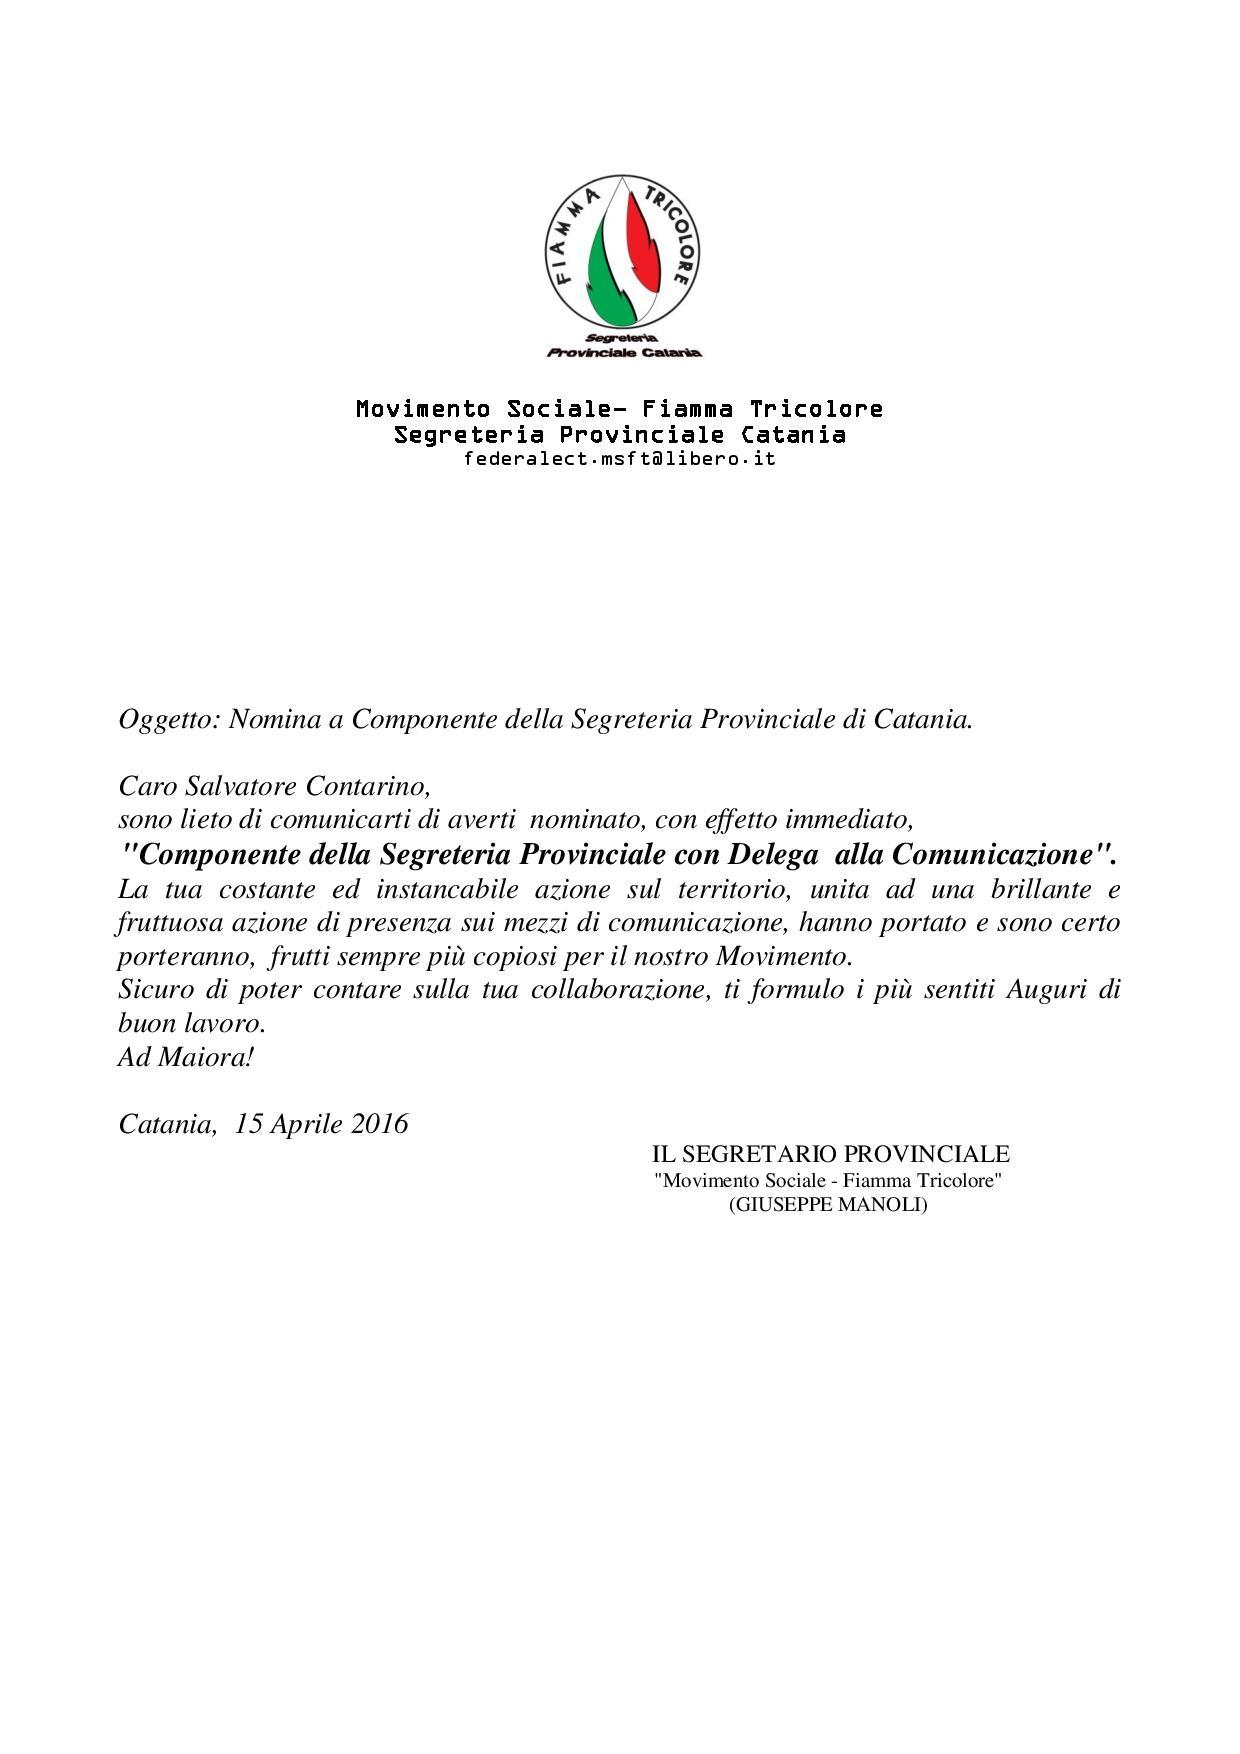 Fiamma Tricolore: Salvo Contarino neo eletto nella Segreteria Provinciale di Catania